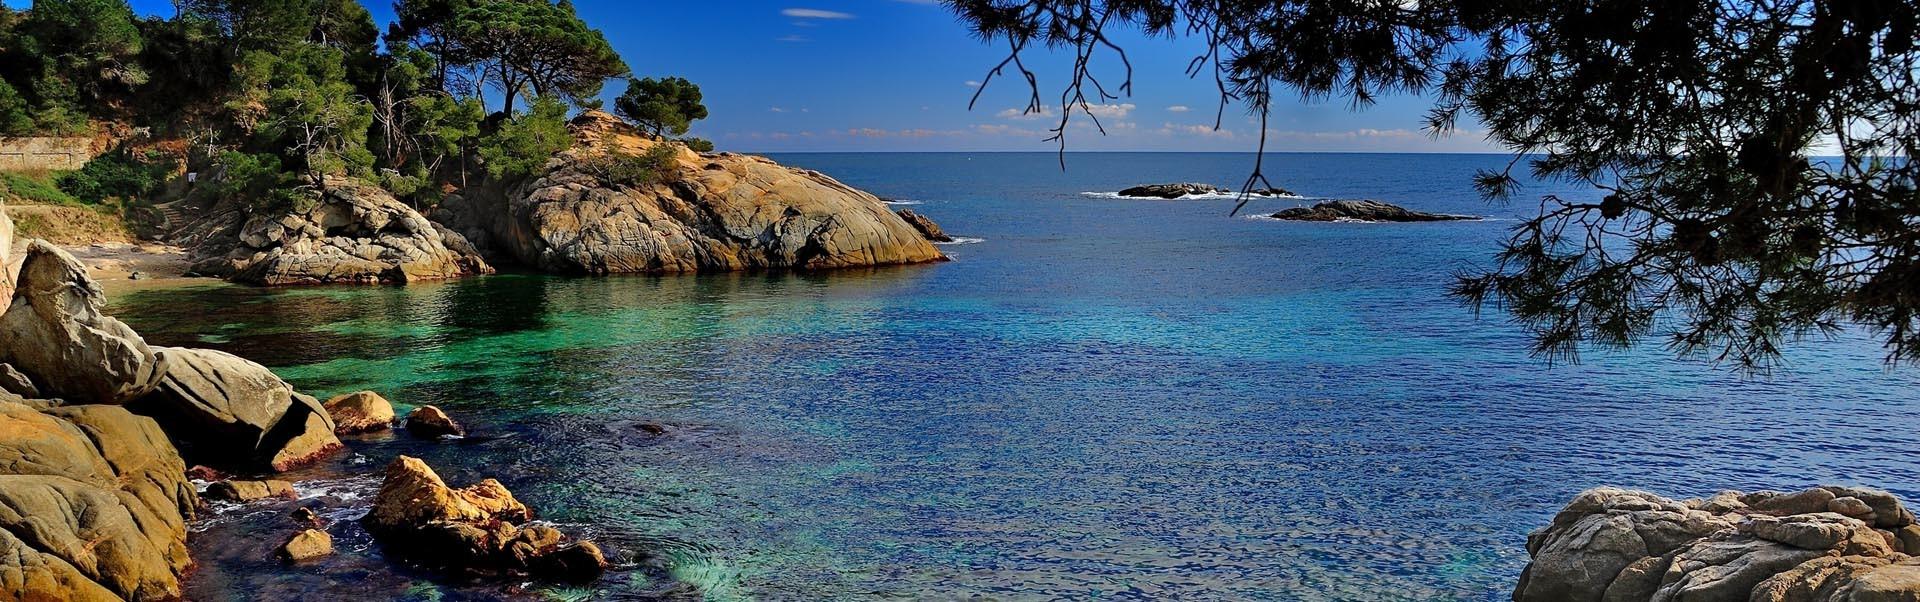 COSTA BRAVA GIRONA  El portal de turismo de la Costa Brava.